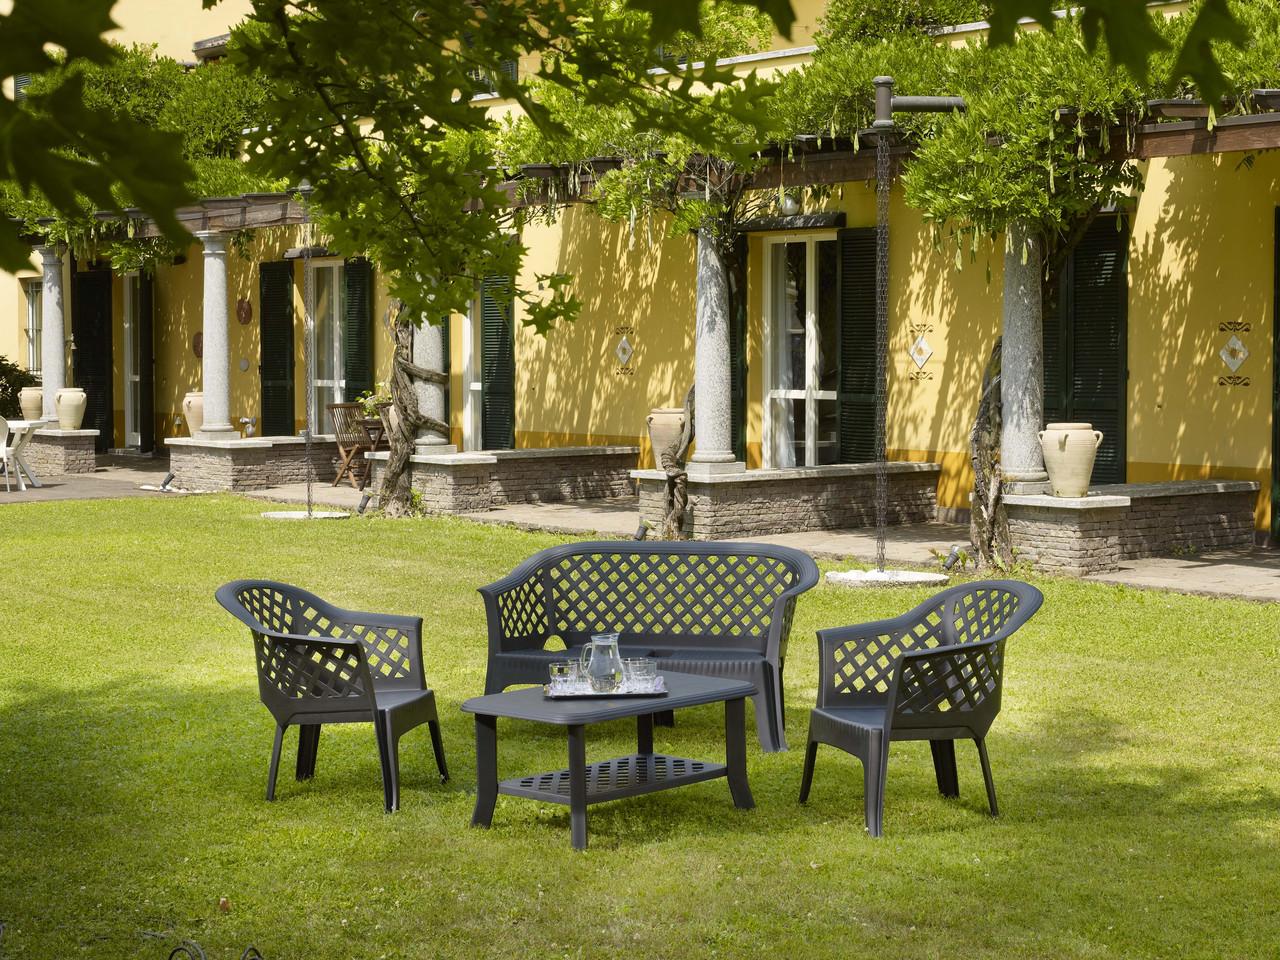 Комплект садовый Veranda duo антрацит (кресло - 2 шт, стол - 1 шт)